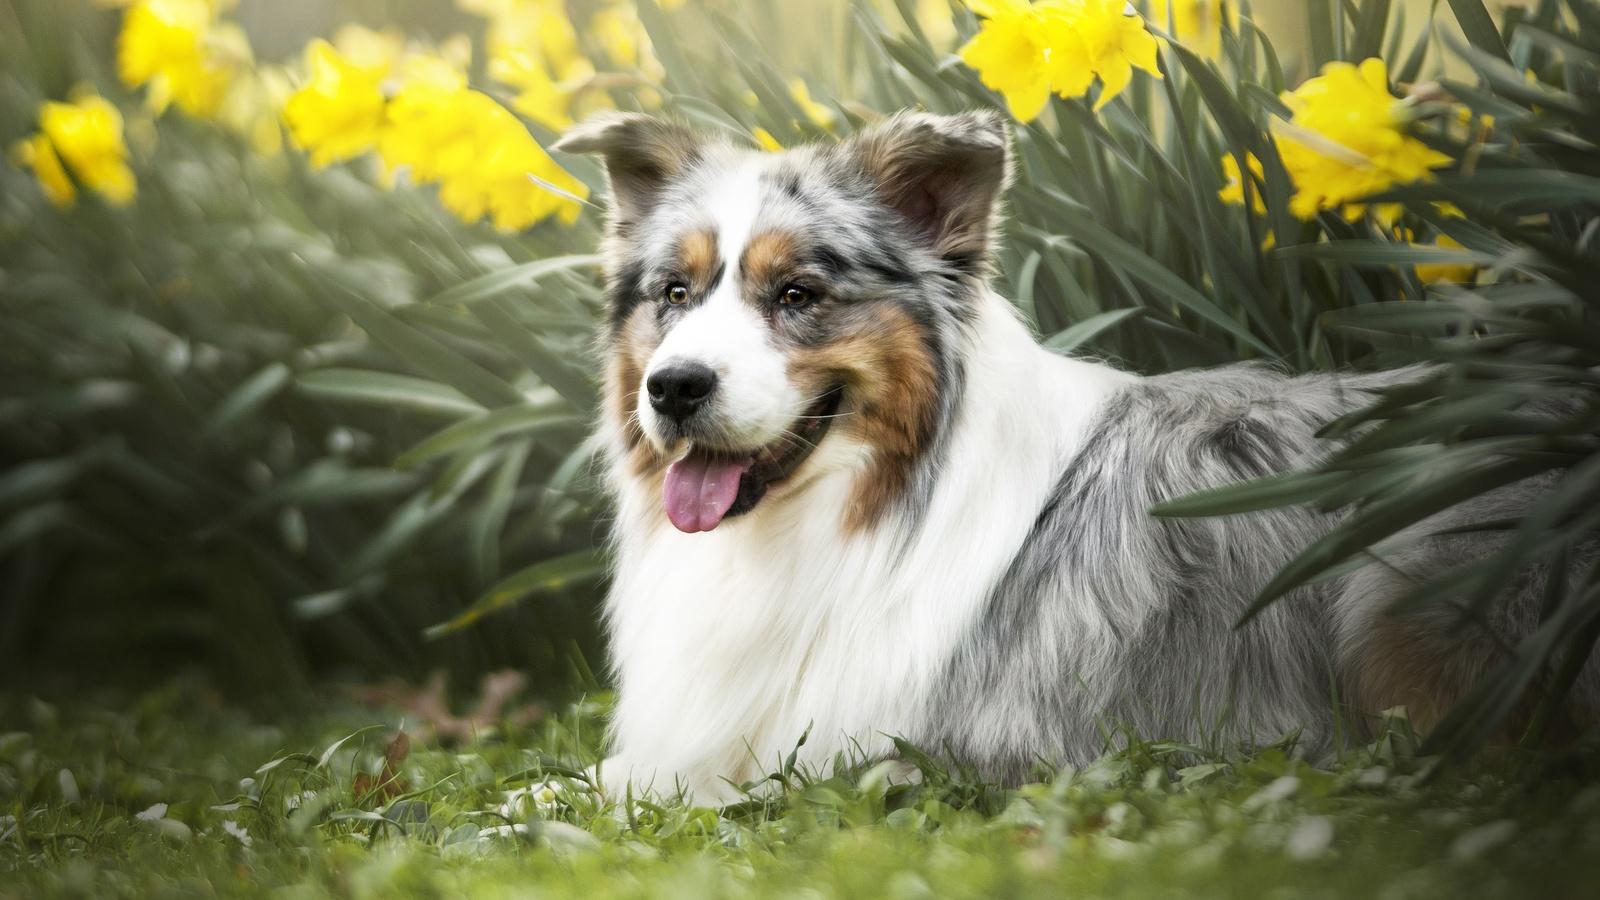 животное, собака, пёс, нарциссы, цветы, аусси, австралийская овчарка, природа, весна